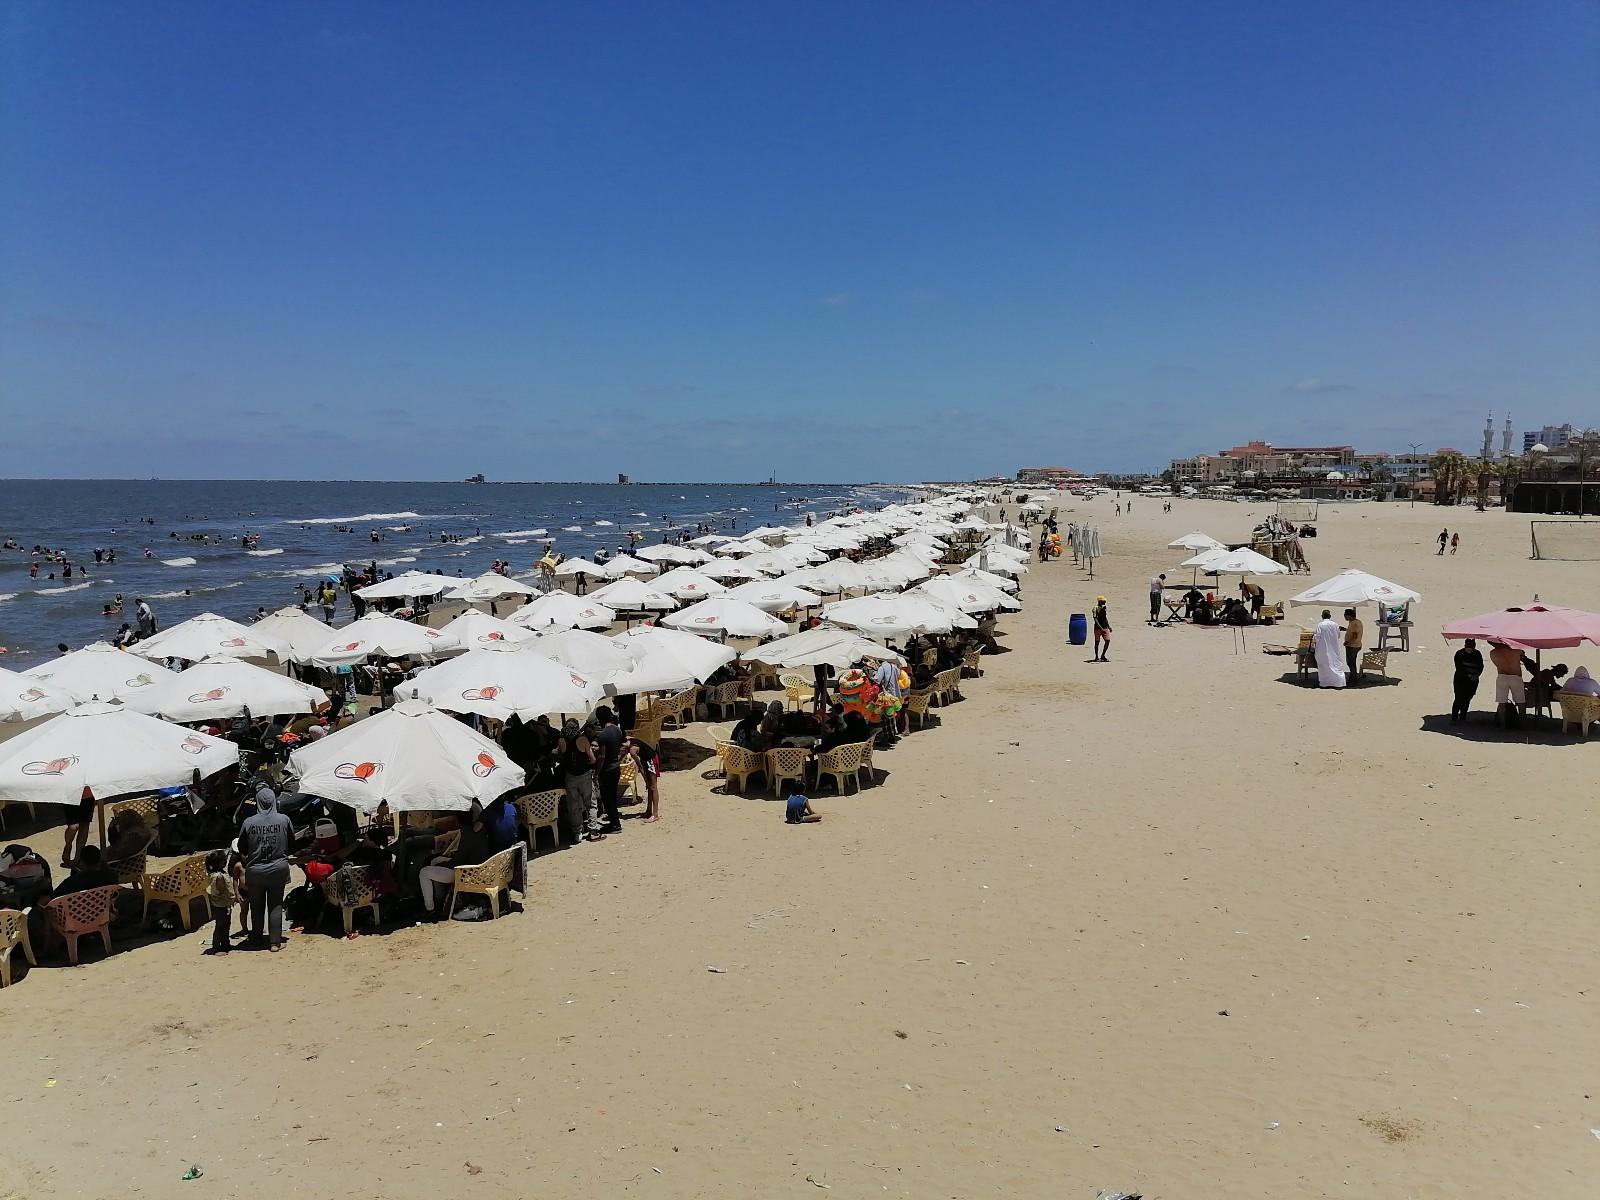 آلاف المصيفين على شاطئ محافظة بورسعيد